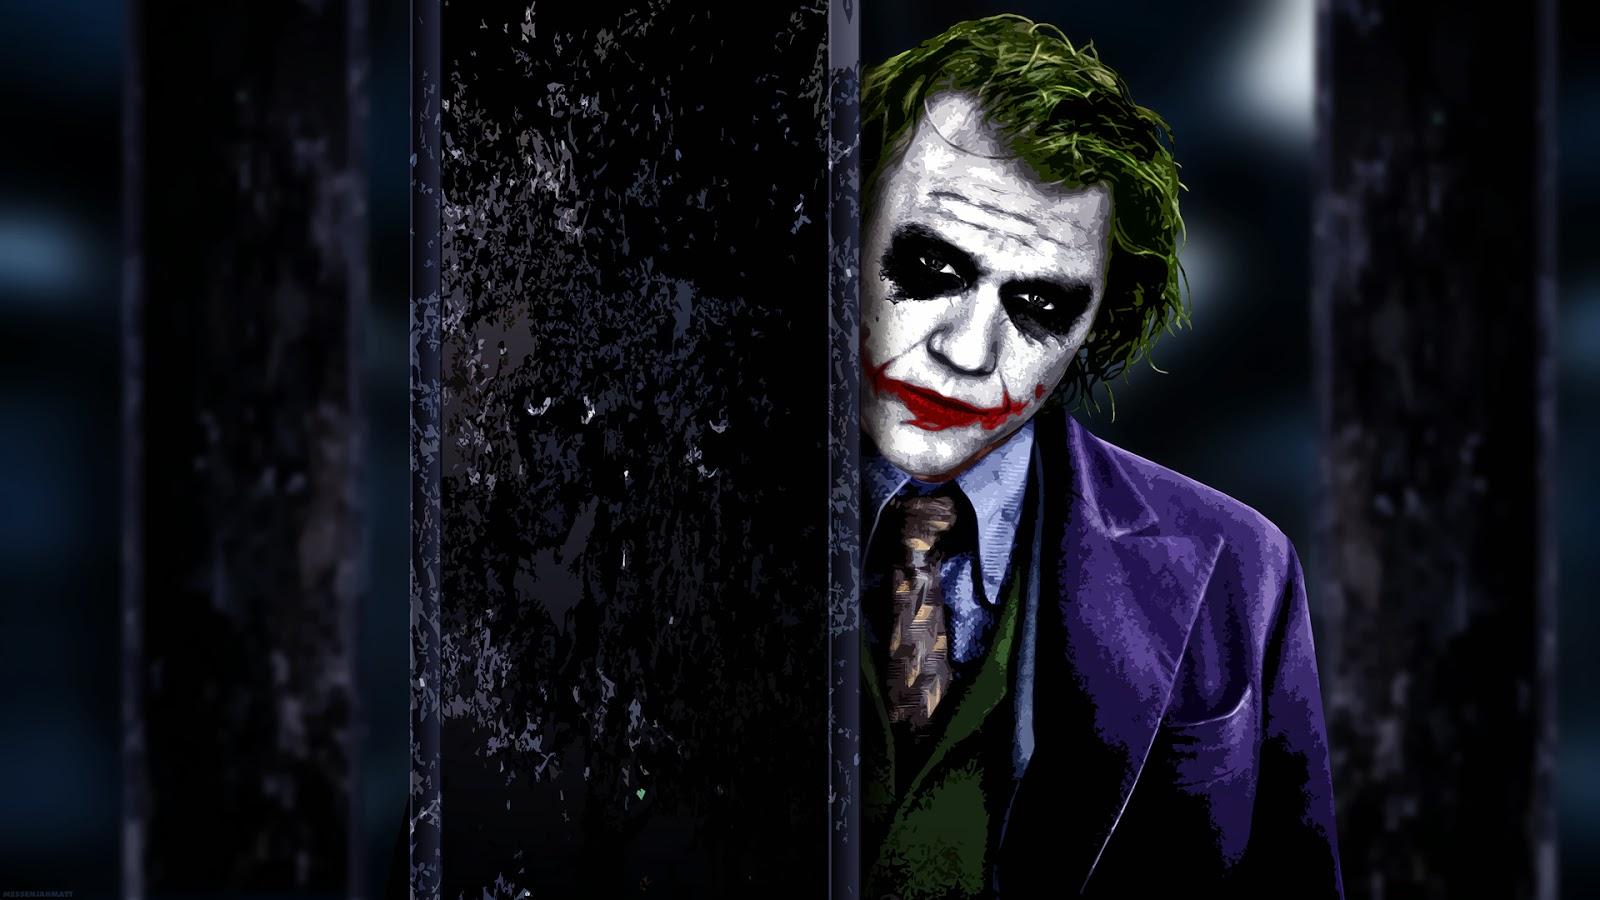 Joker HD Wallpapers joker backgrounds widescreen joker images 1600x900